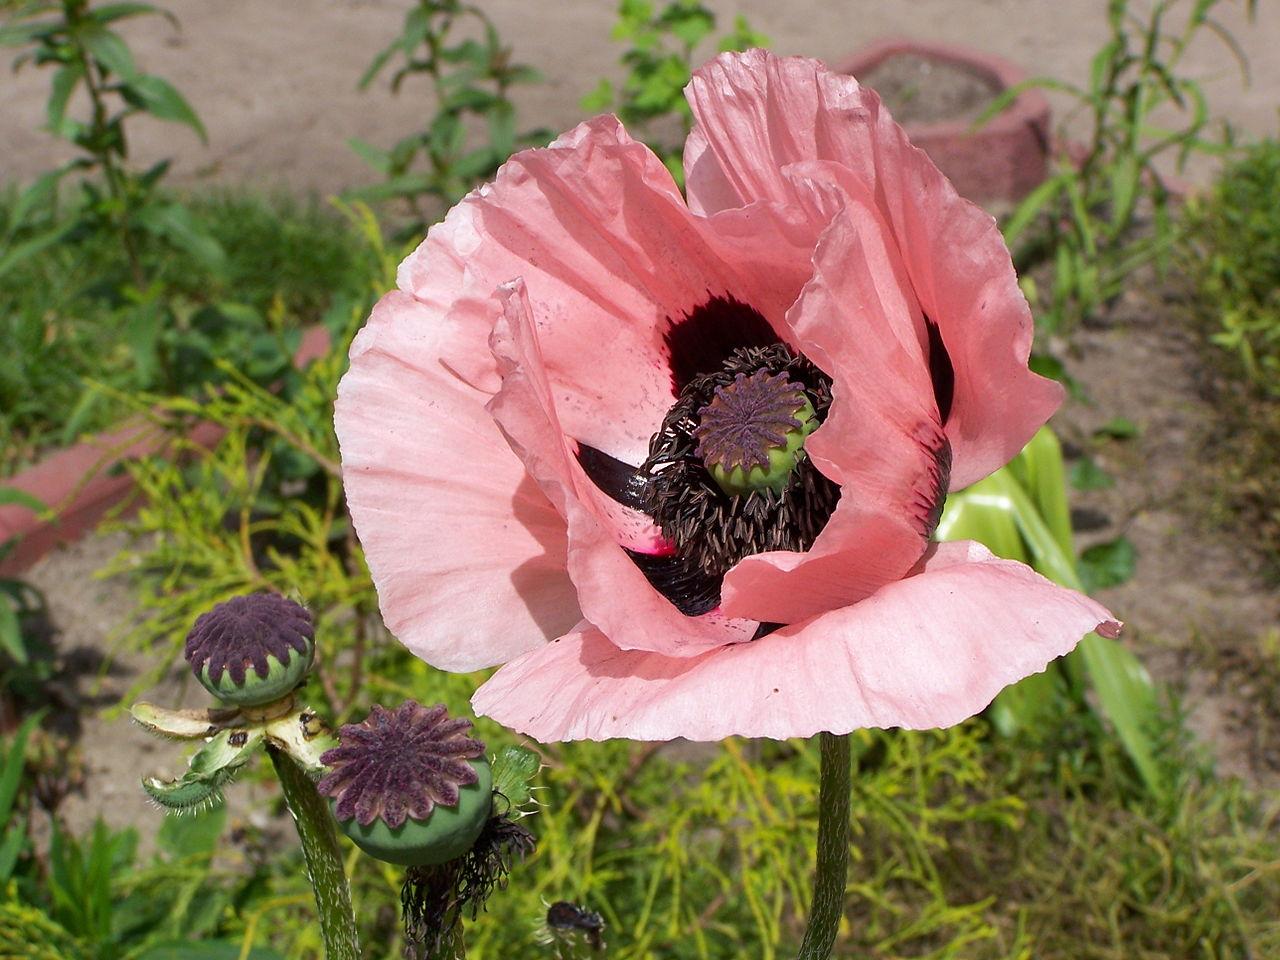 Fleur de pavot à opium, rose pâle avec un centre noir